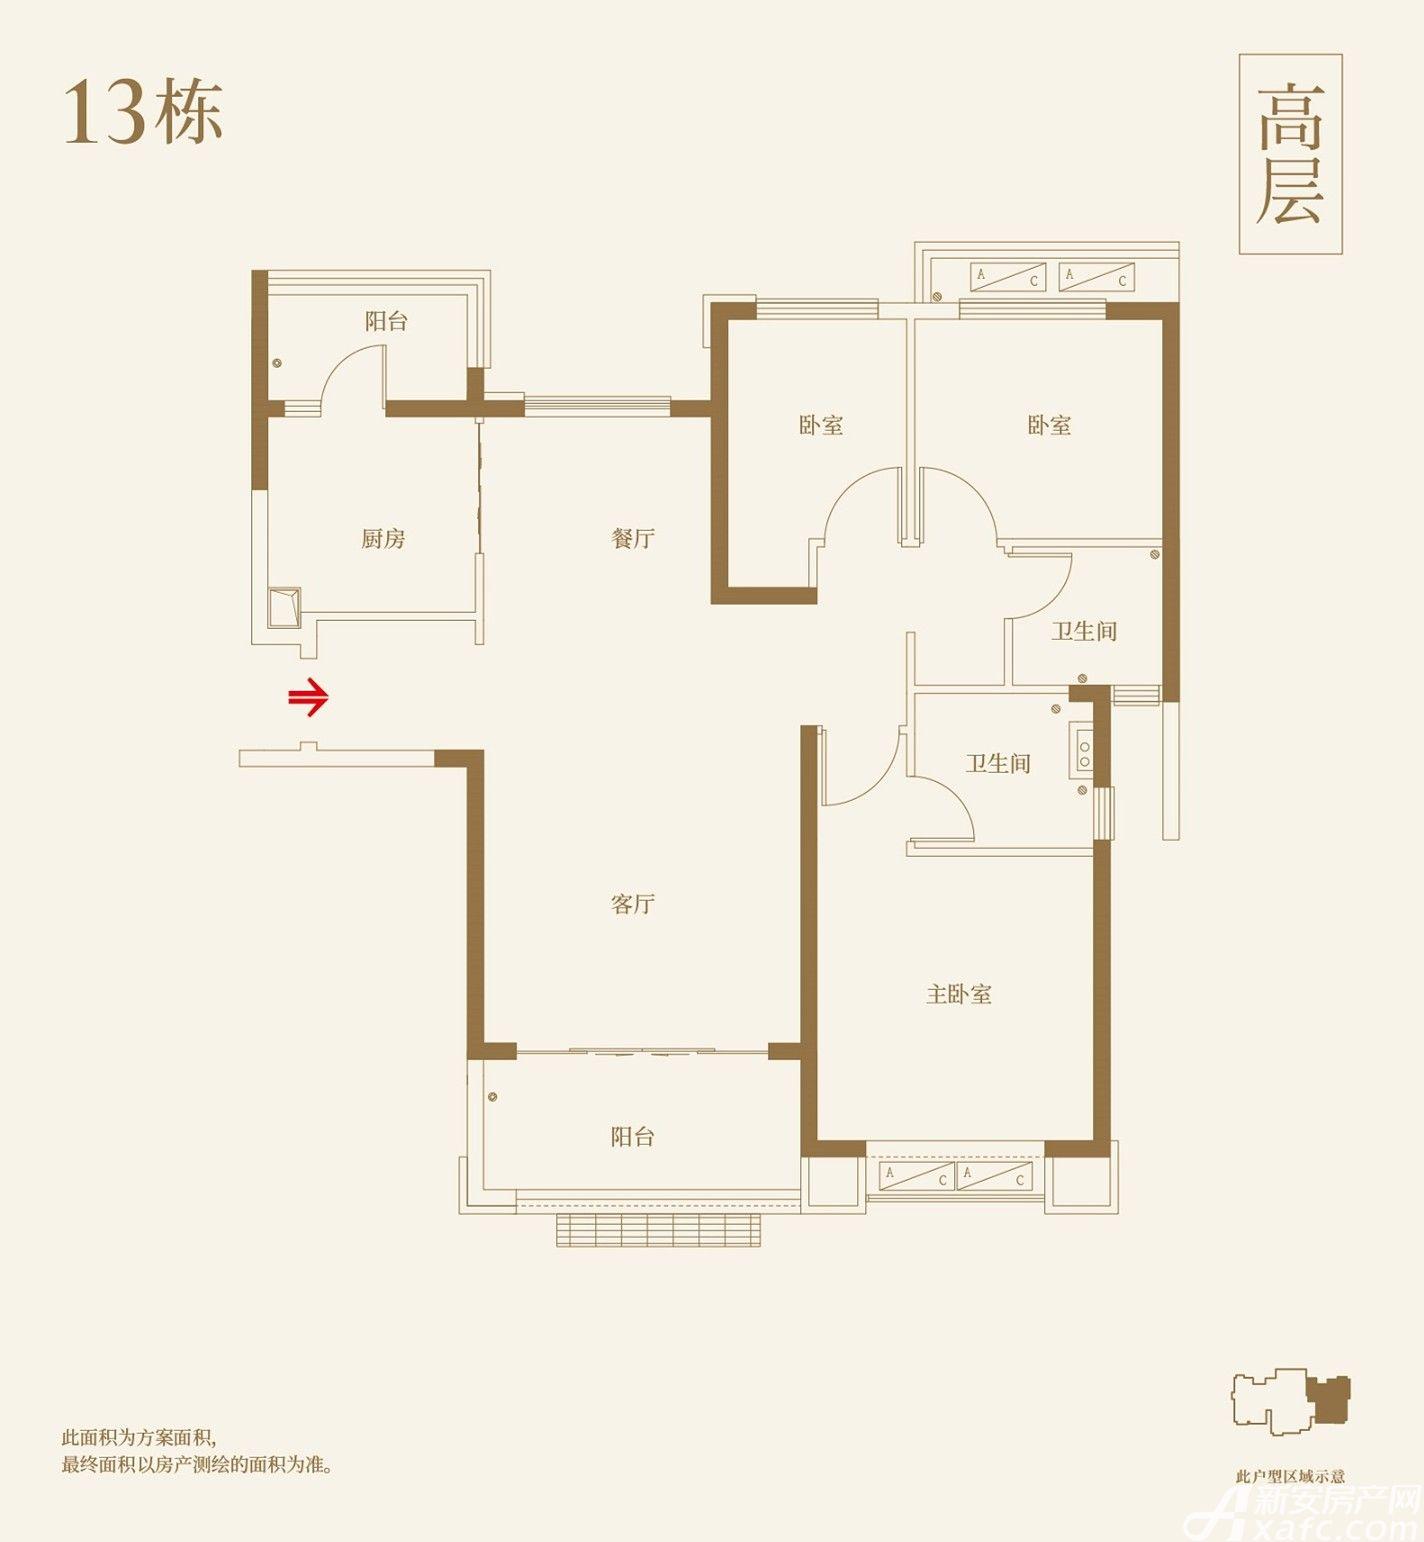 恒大御府13#C3室2厅118.64平米